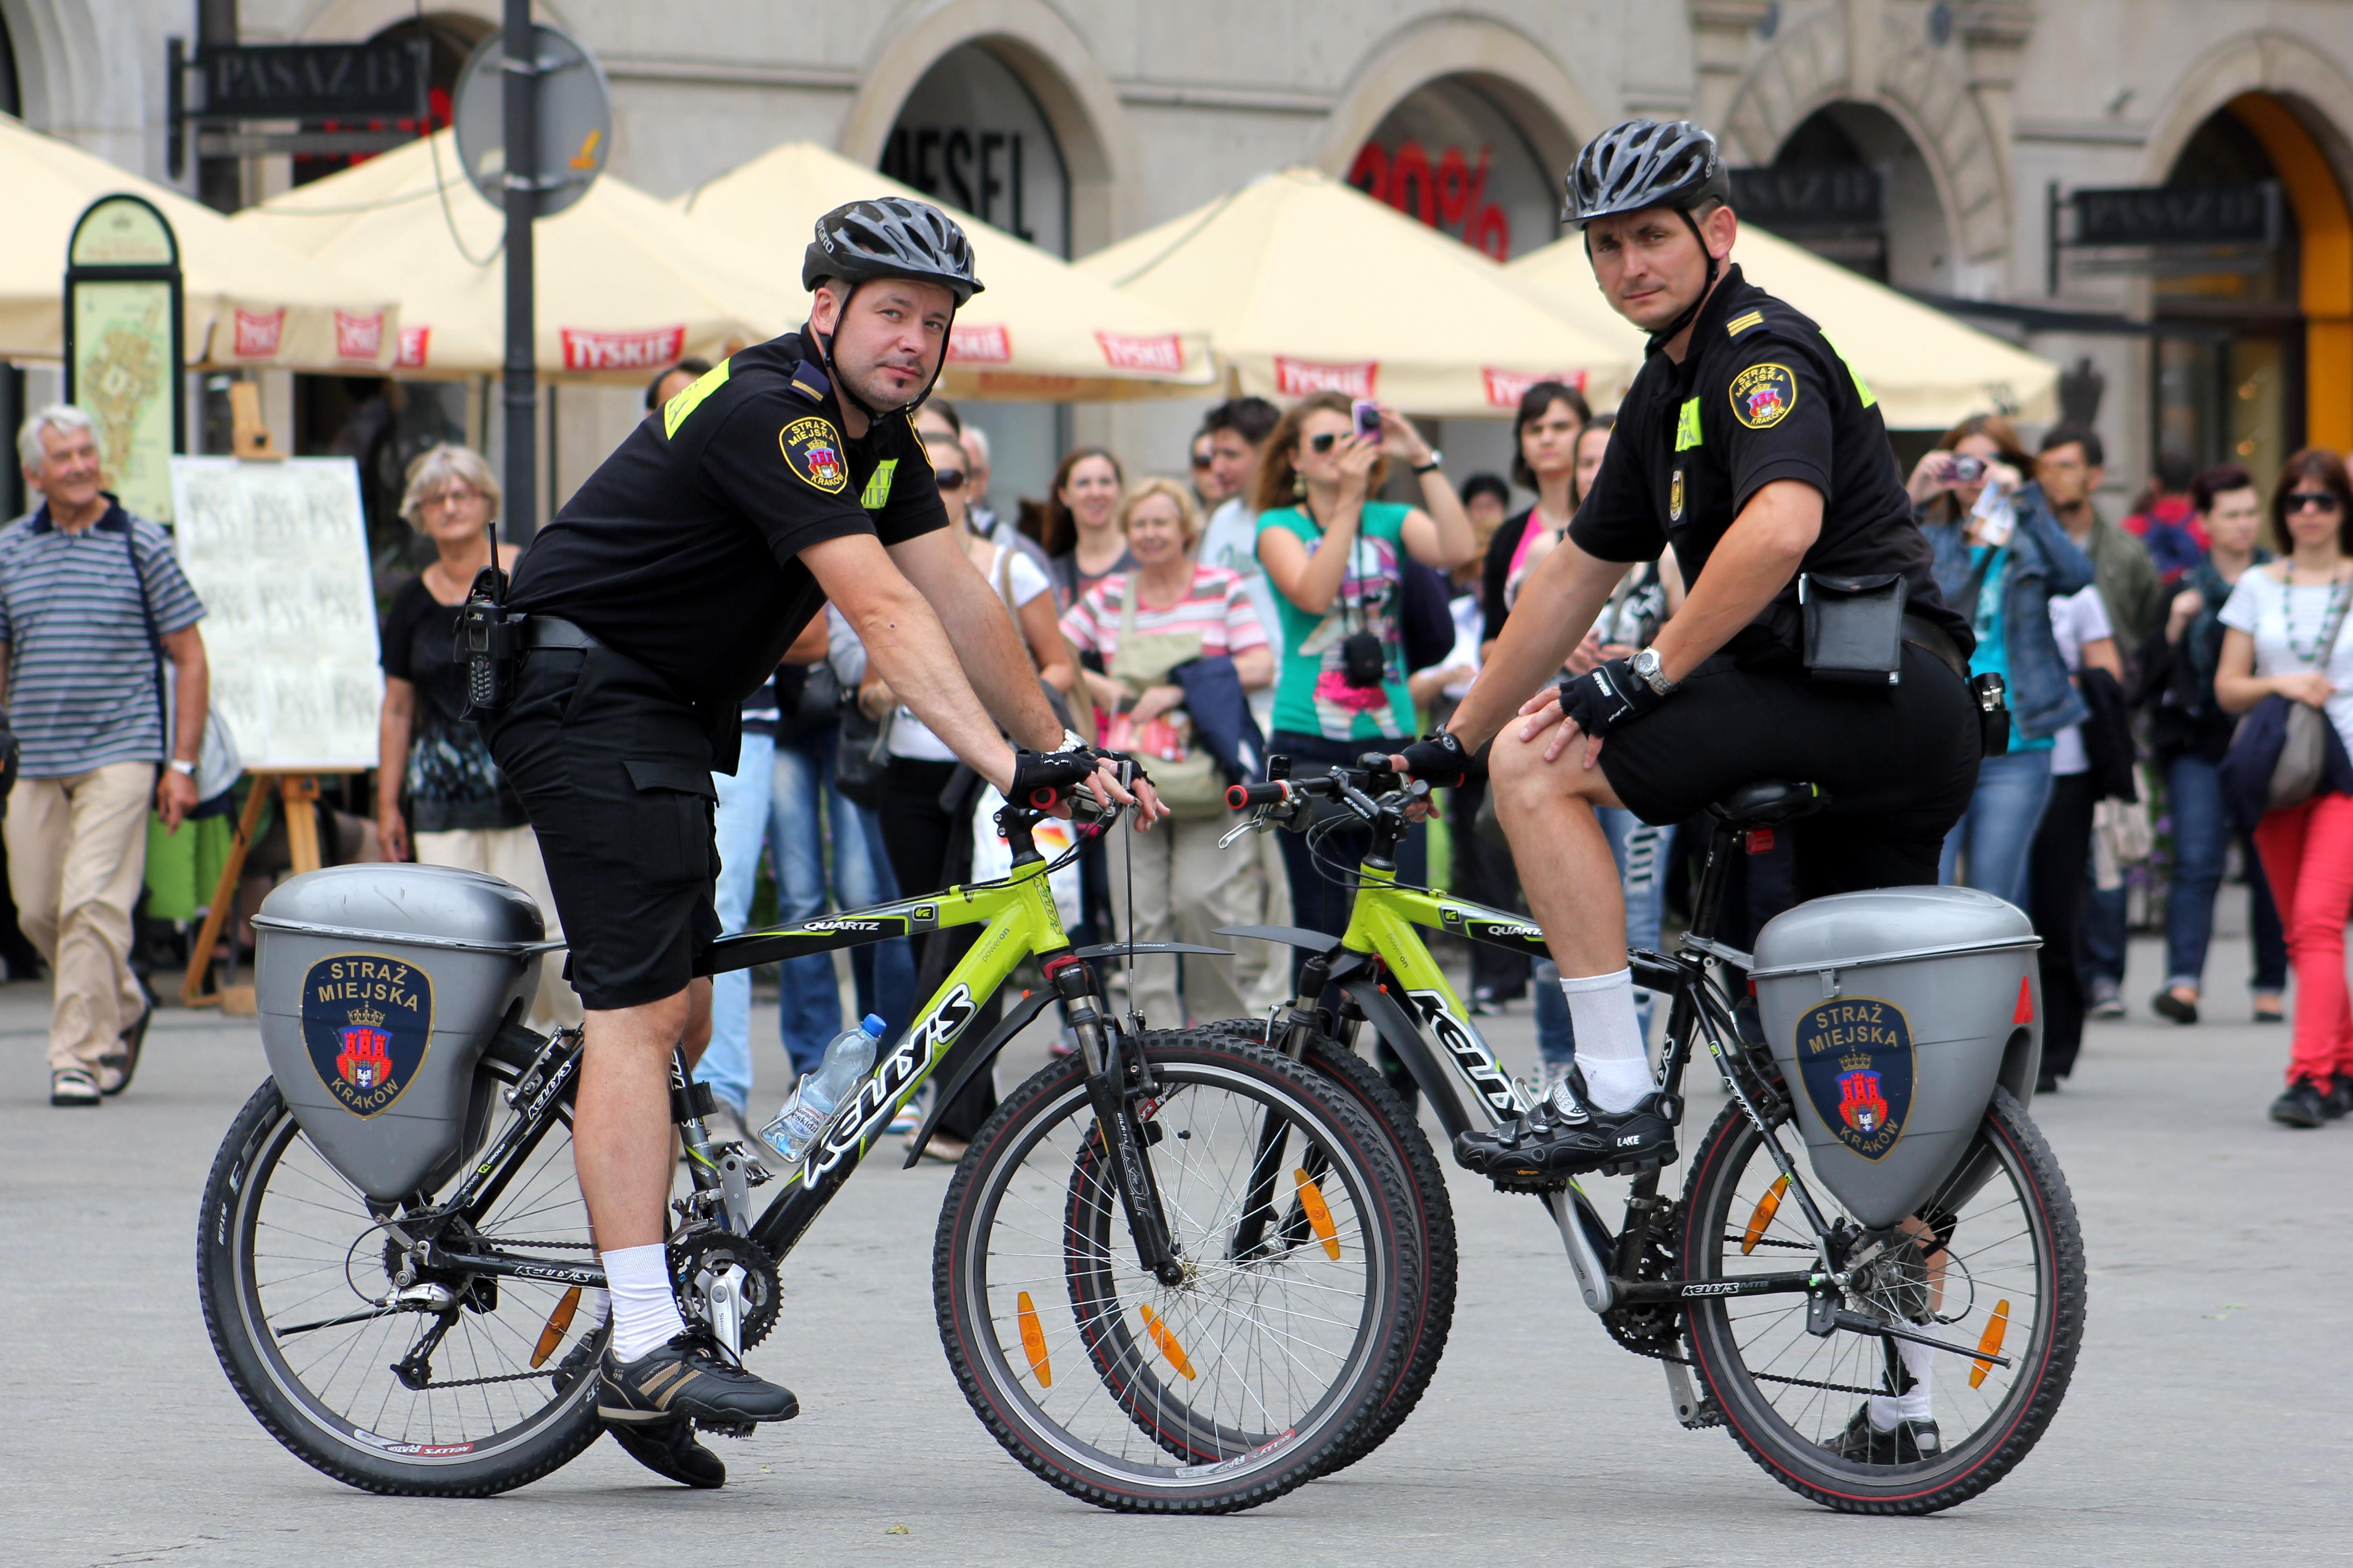 Strażnicy miejscy pomagają i rozwiązują problemy